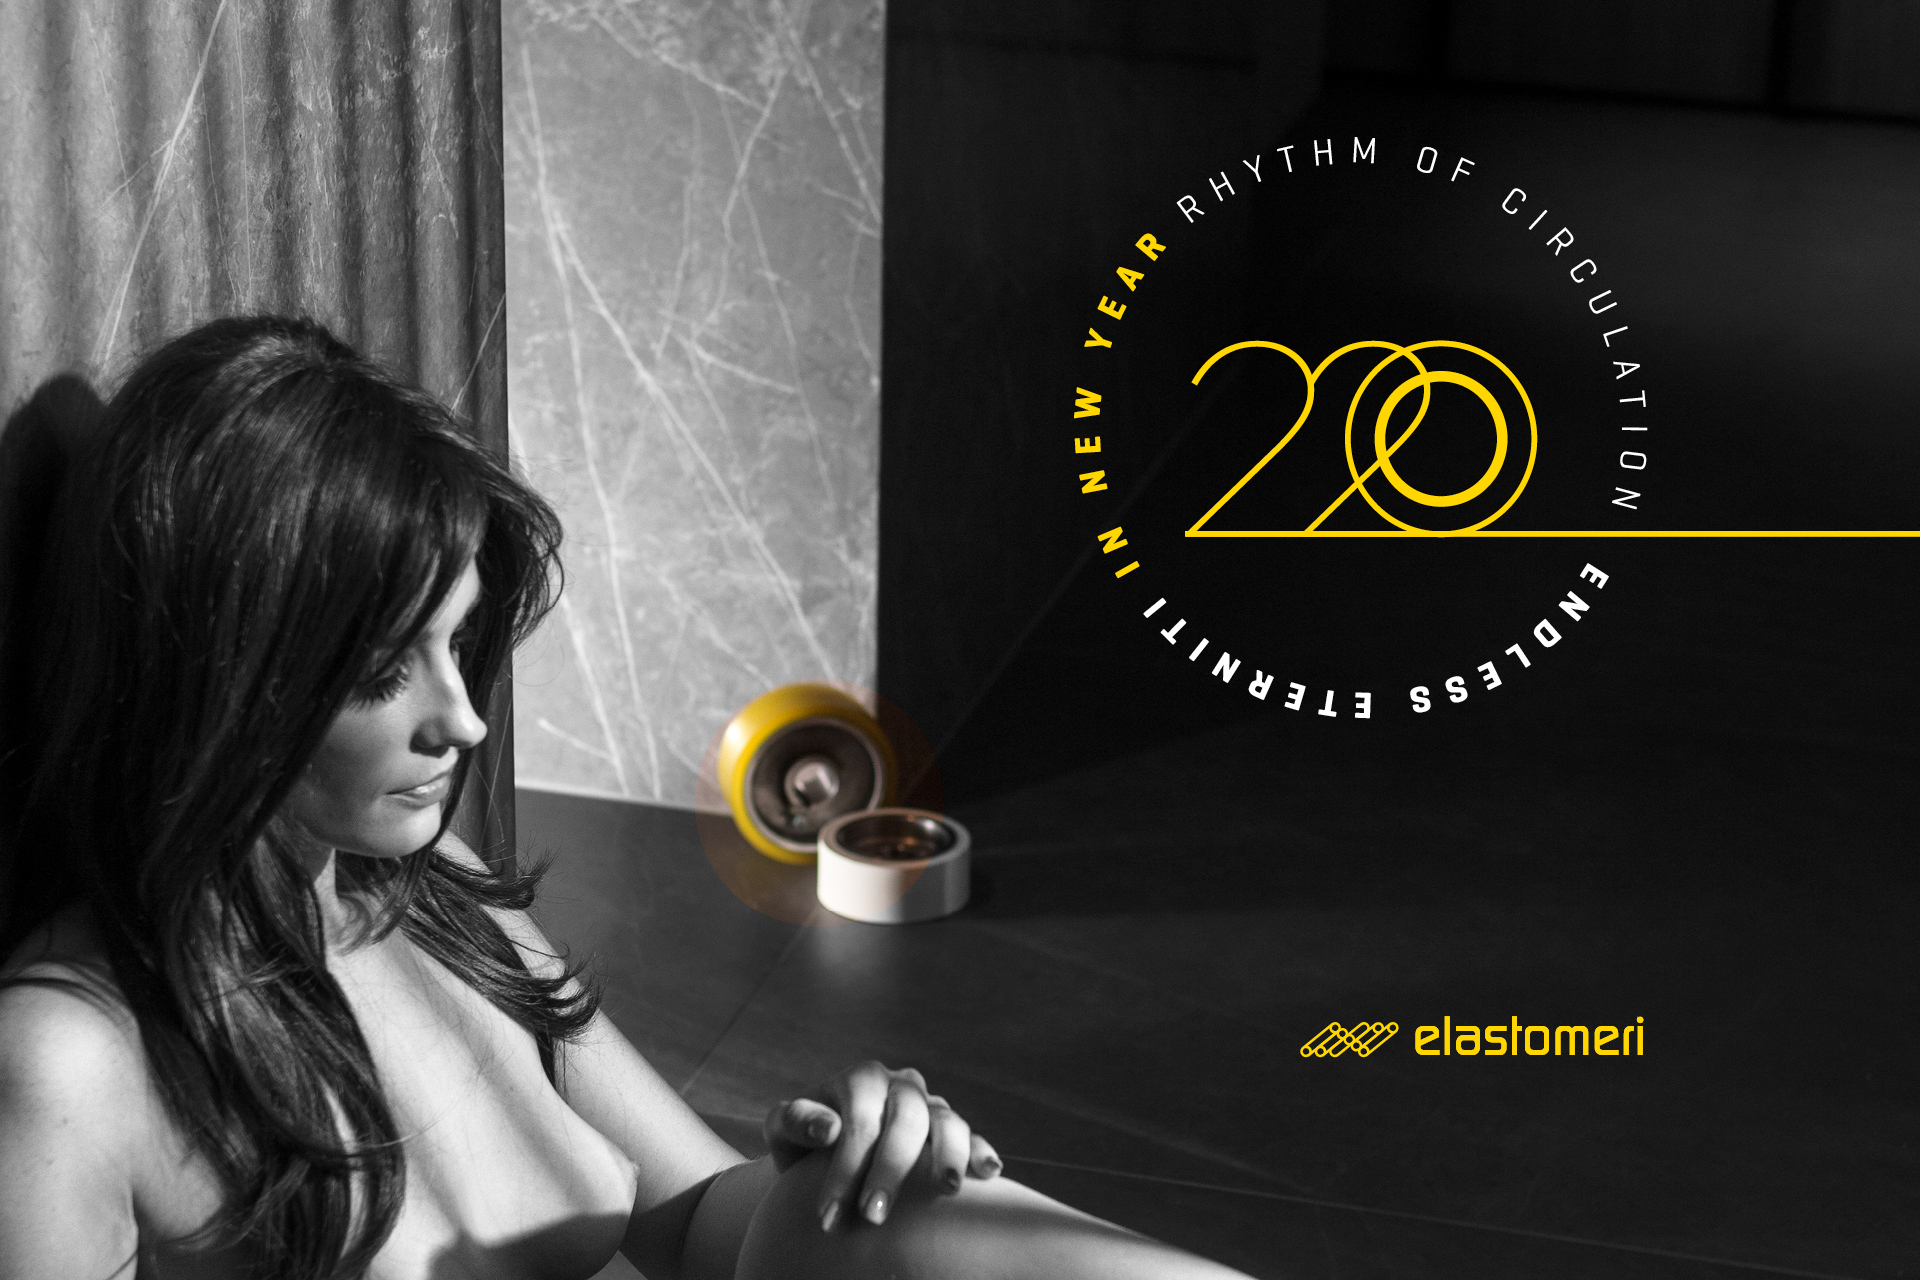 calendar_elastomeri_marko-marinsek_studio-ma-ma_2020